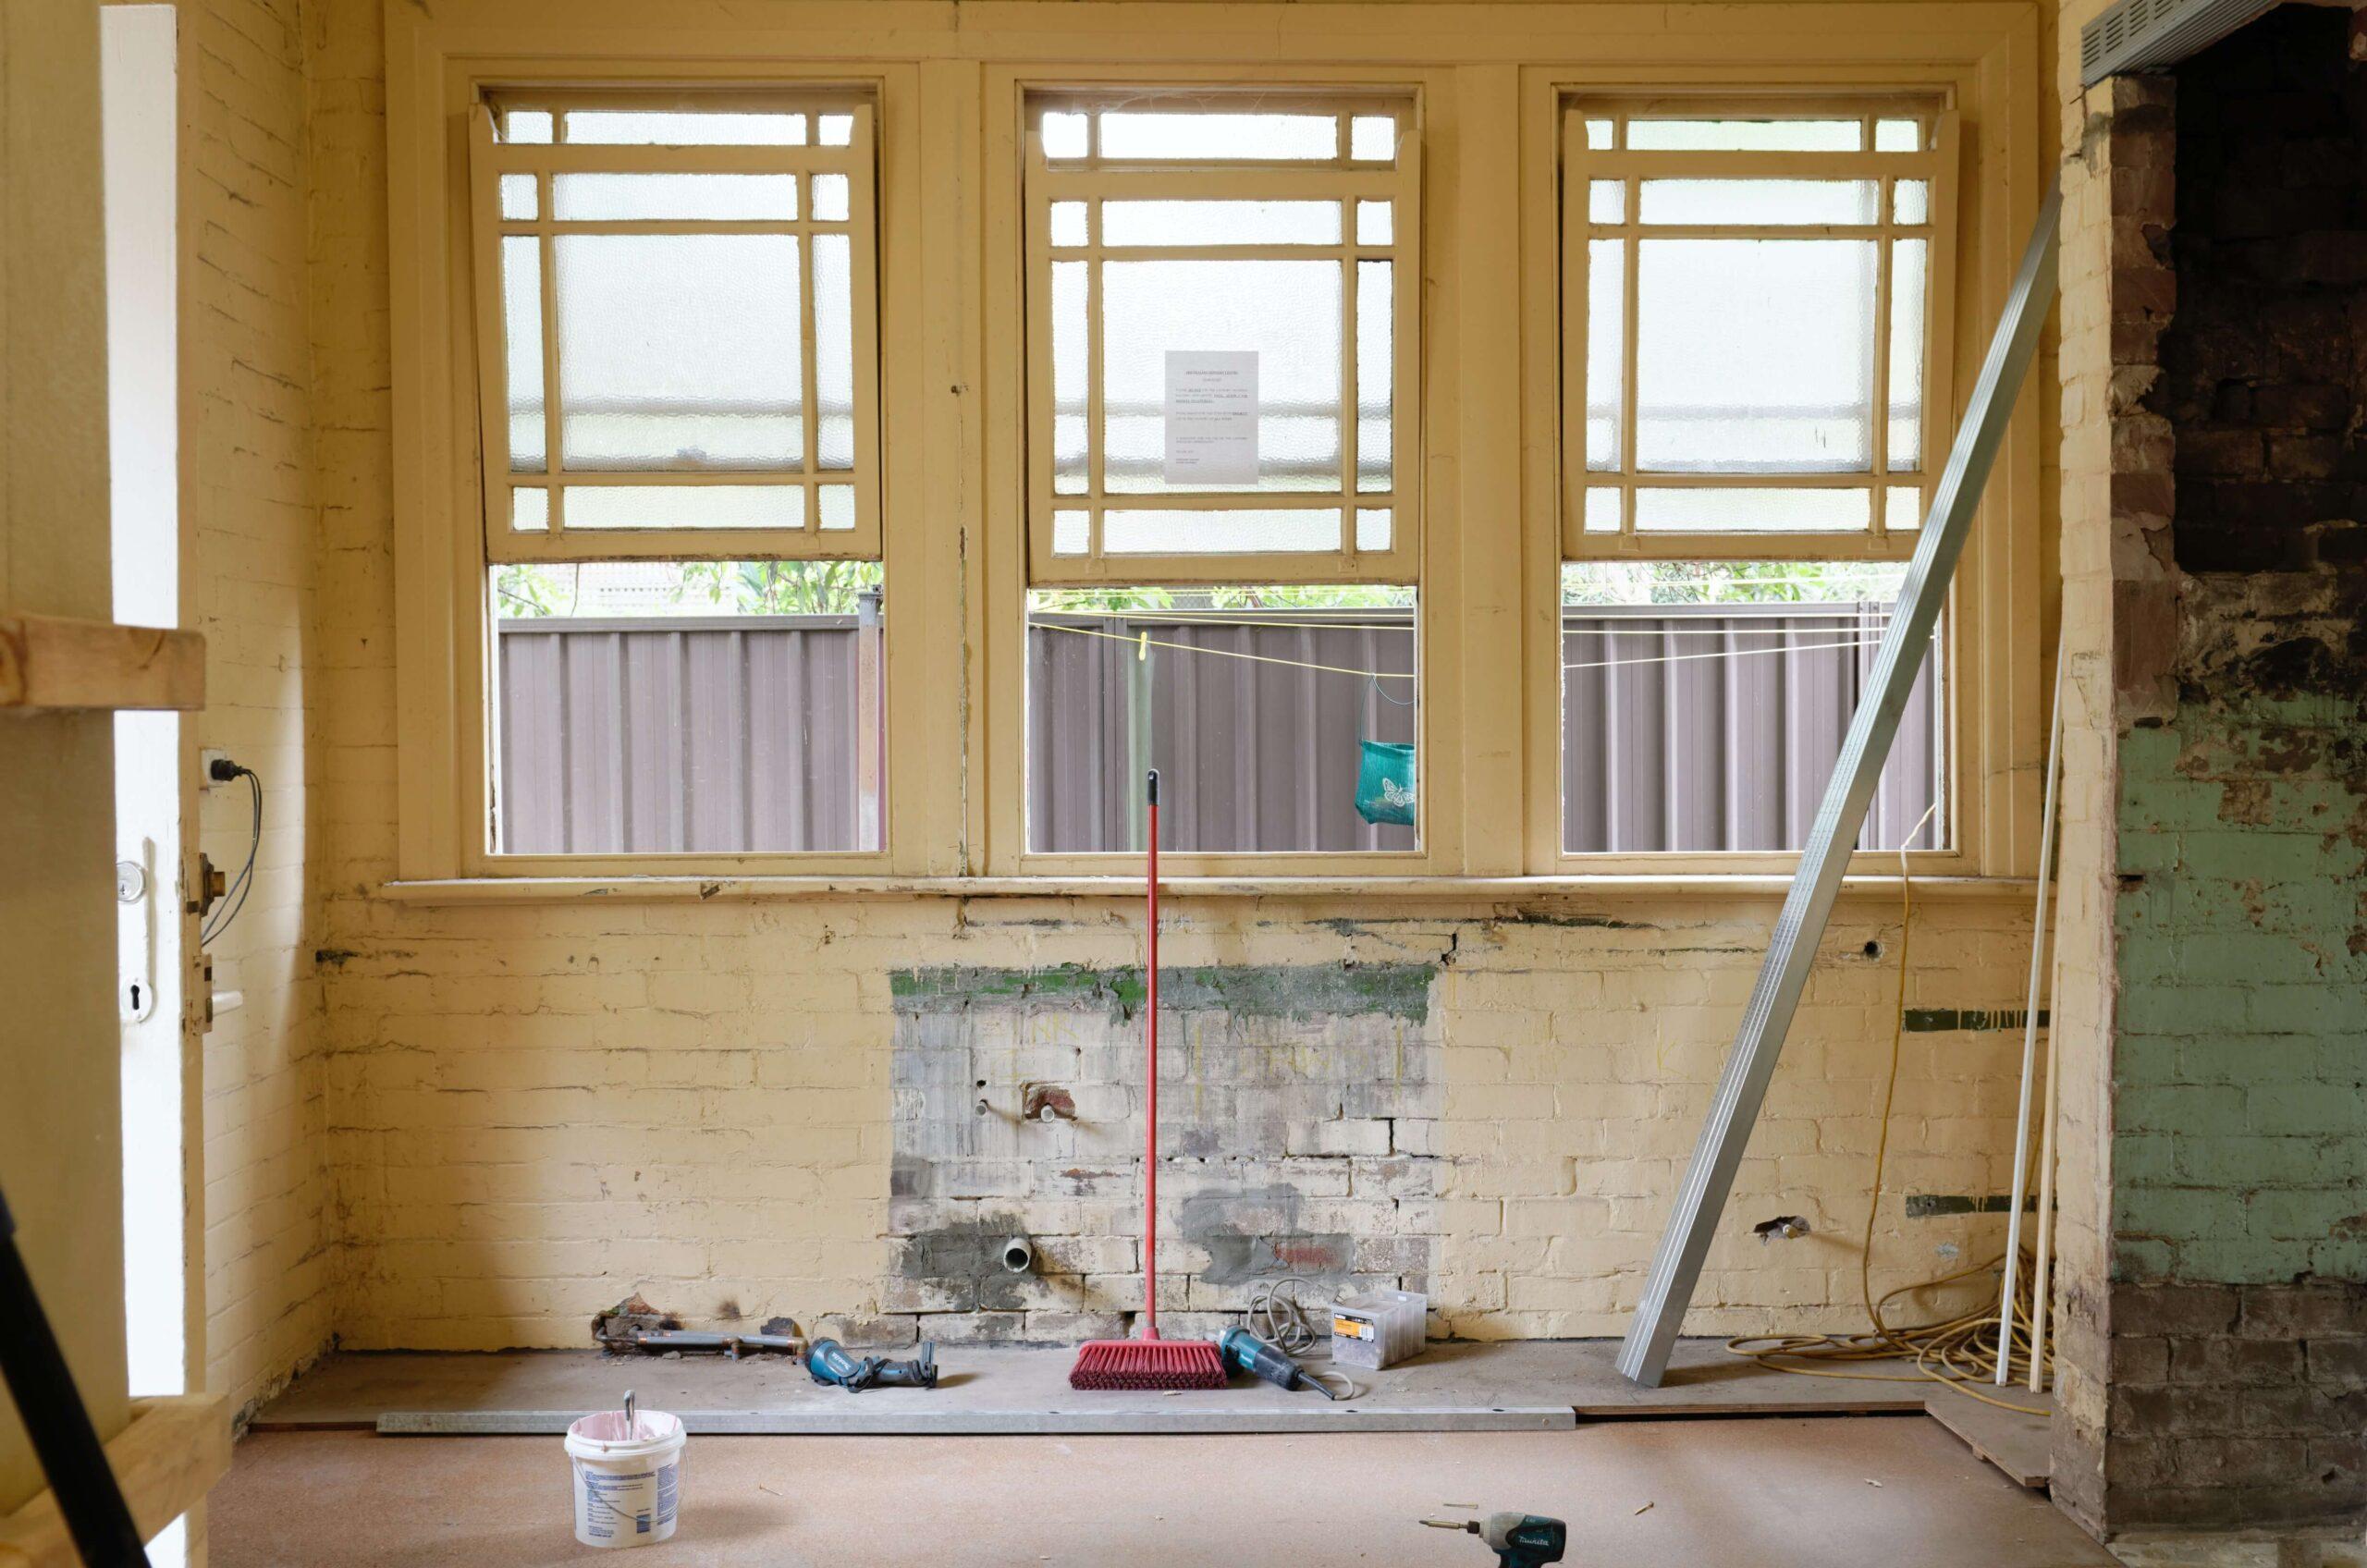 Feuchtigkeit auf der Baustelle: So vermeiden Sie Schäden